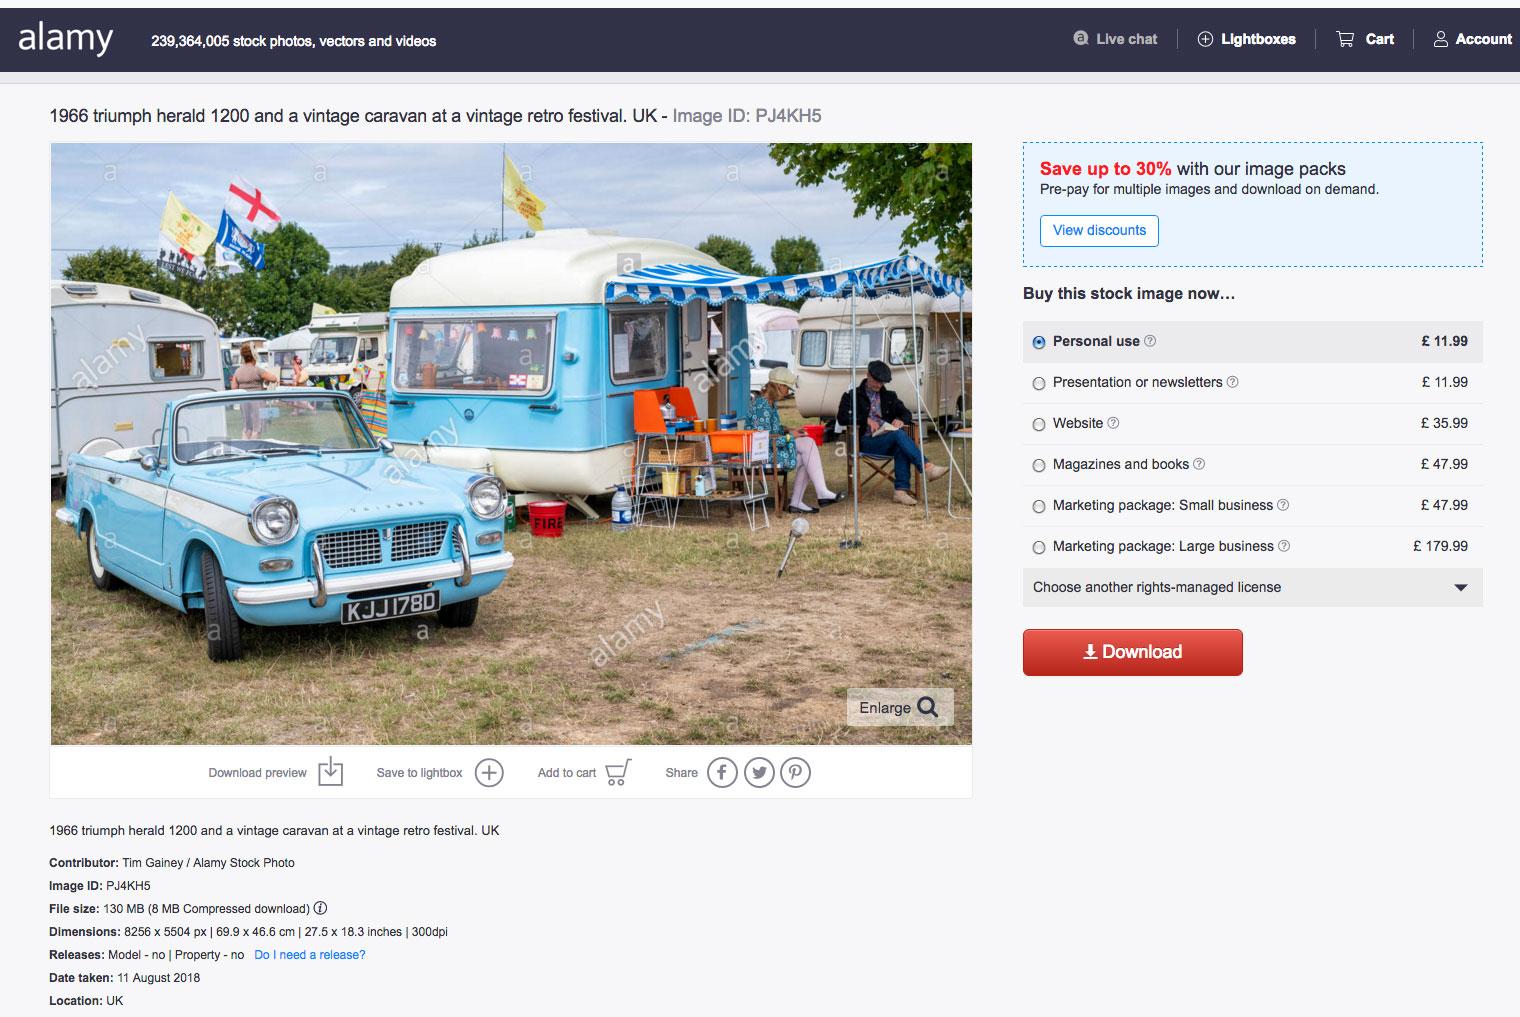 Alamy Stock Photo of Triumph Herald Retro Festival